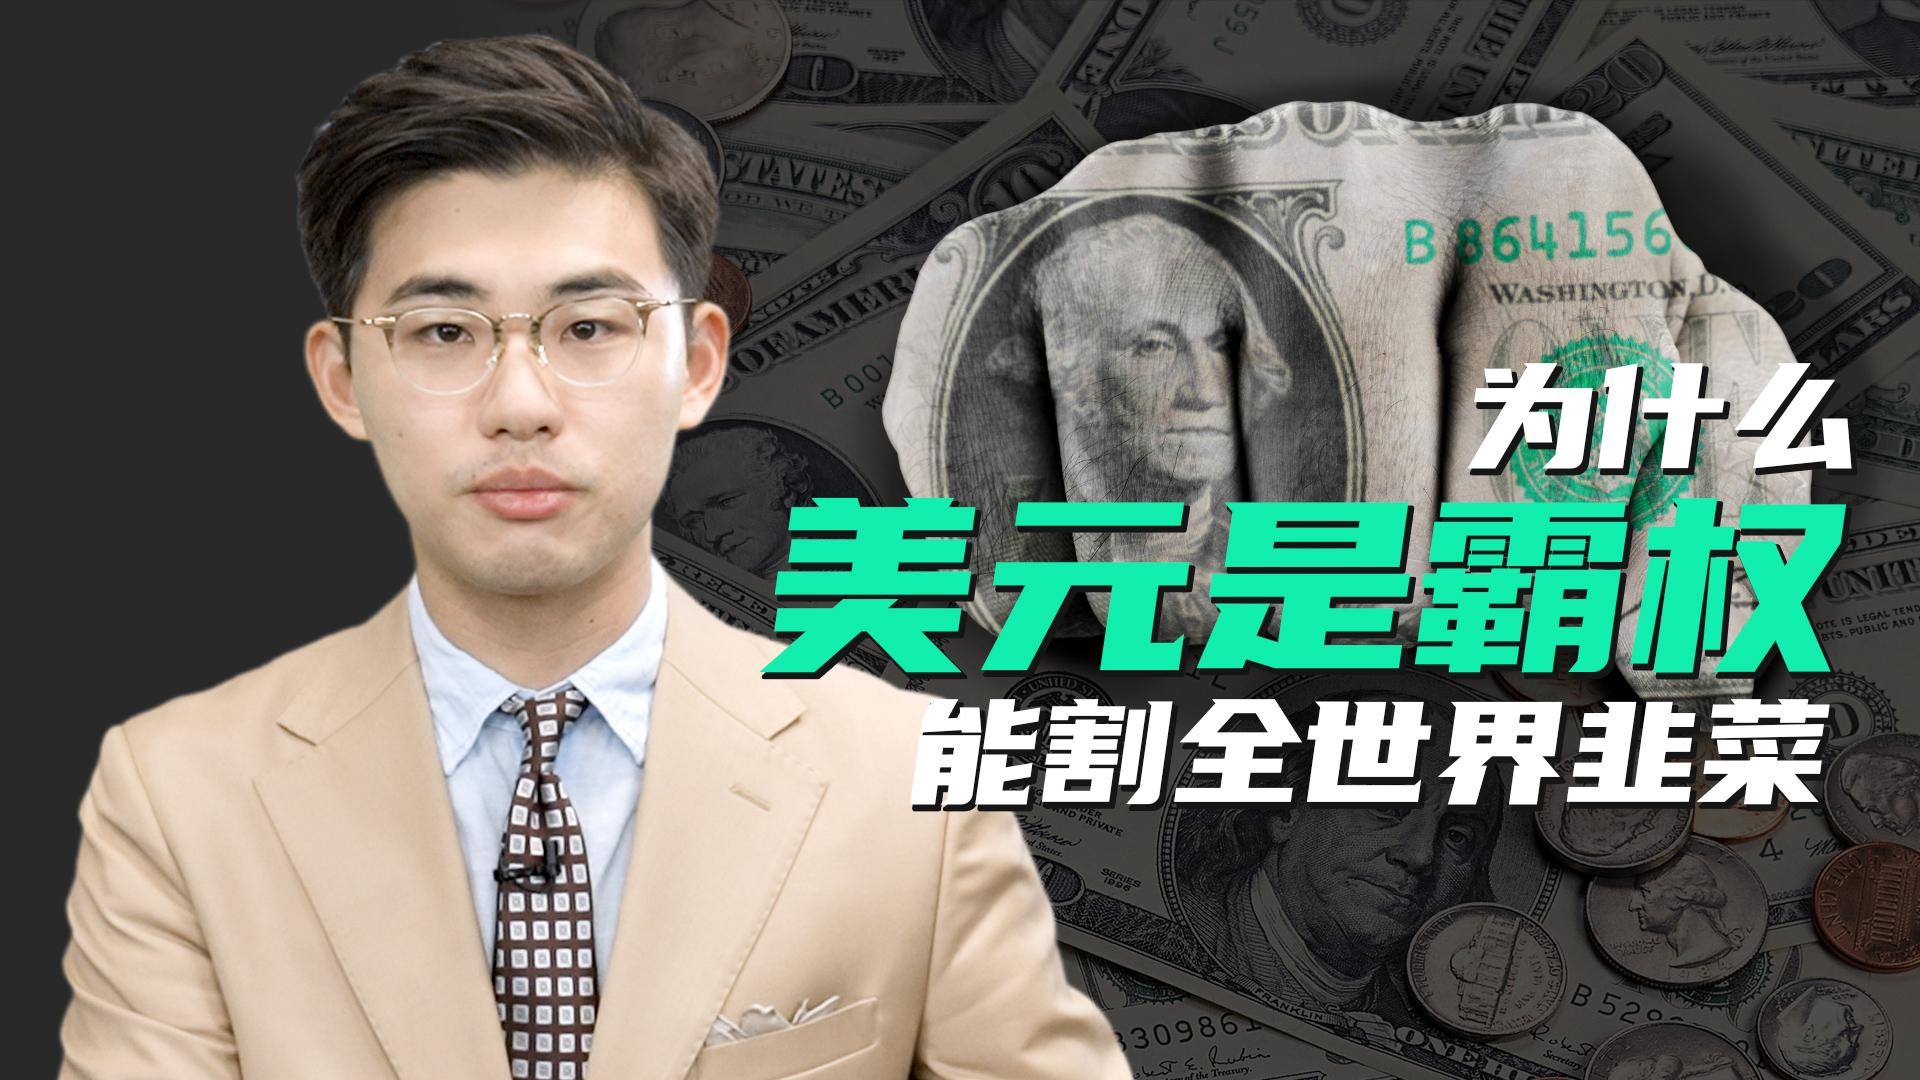 骁话一下:割全世界韭菜,为什么美元是霸权?